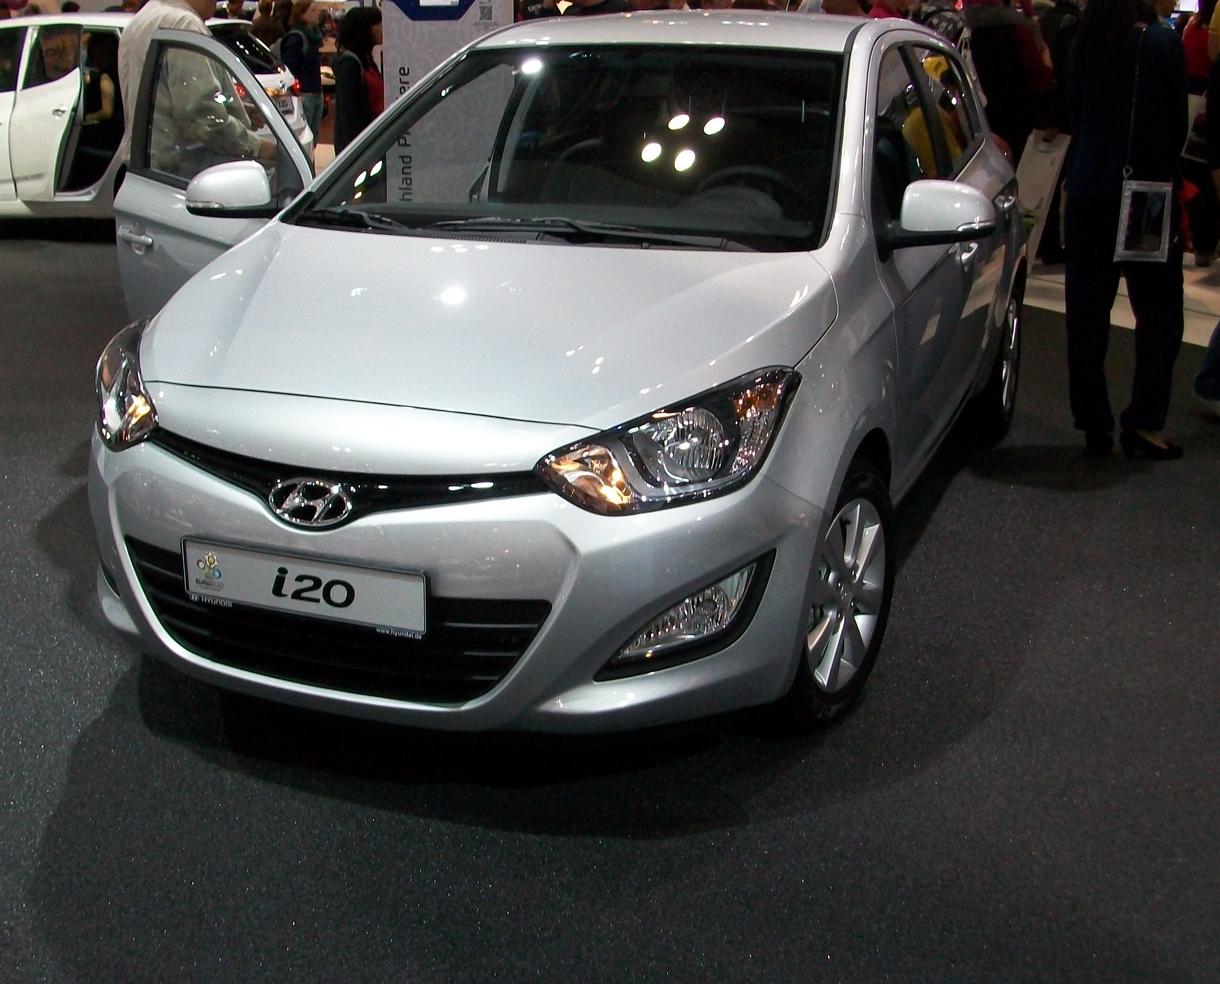 Hyundai-i20.jpg